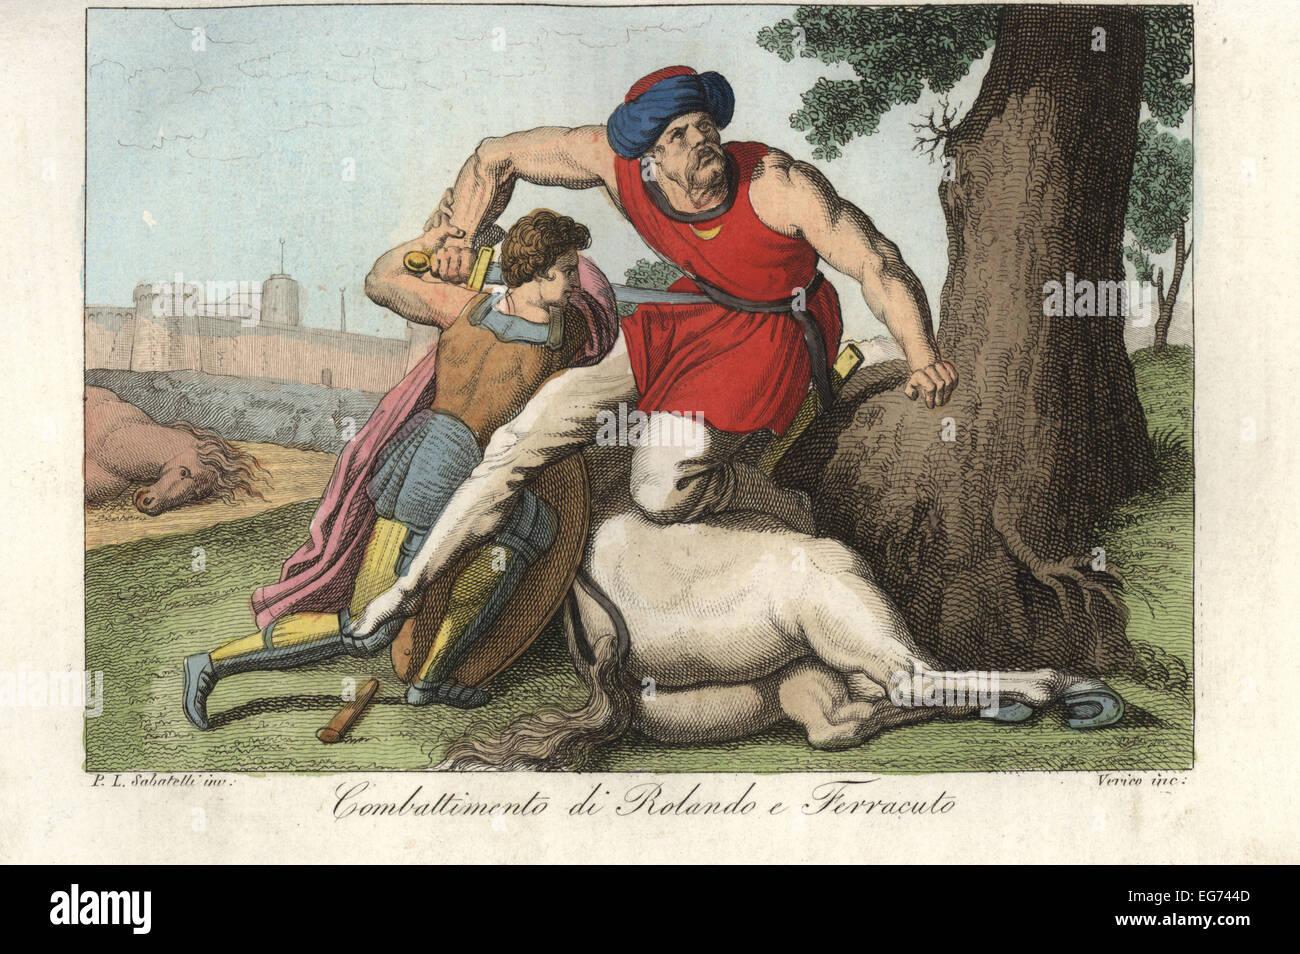 Le combat entre Roland et le Ferracut géant, de la légende de Charlemagne. Photo Stock